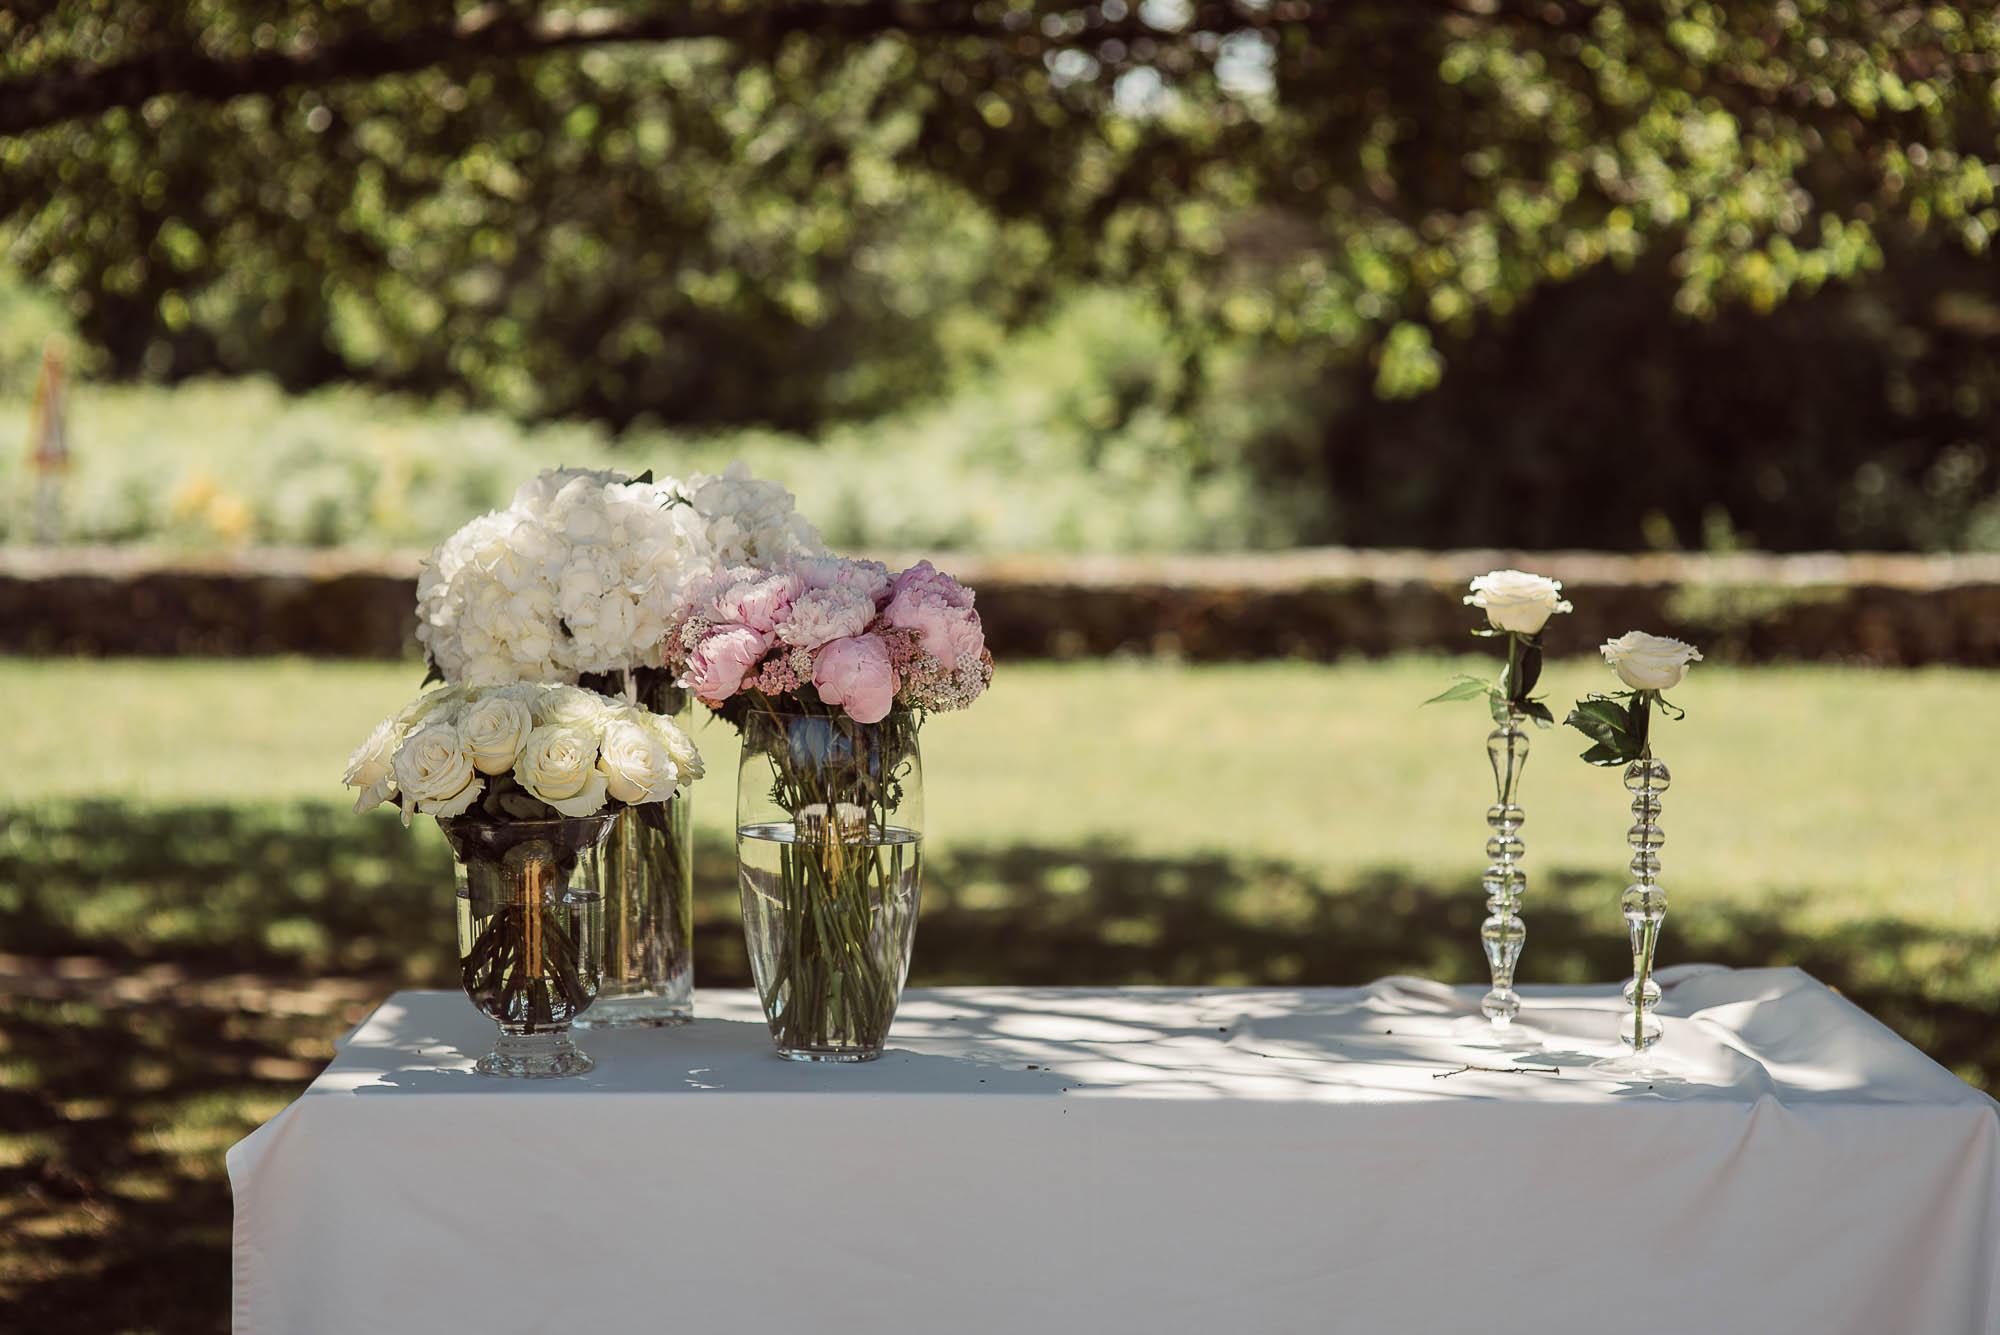 Detalles florales sobre una mesa del patio de invitados